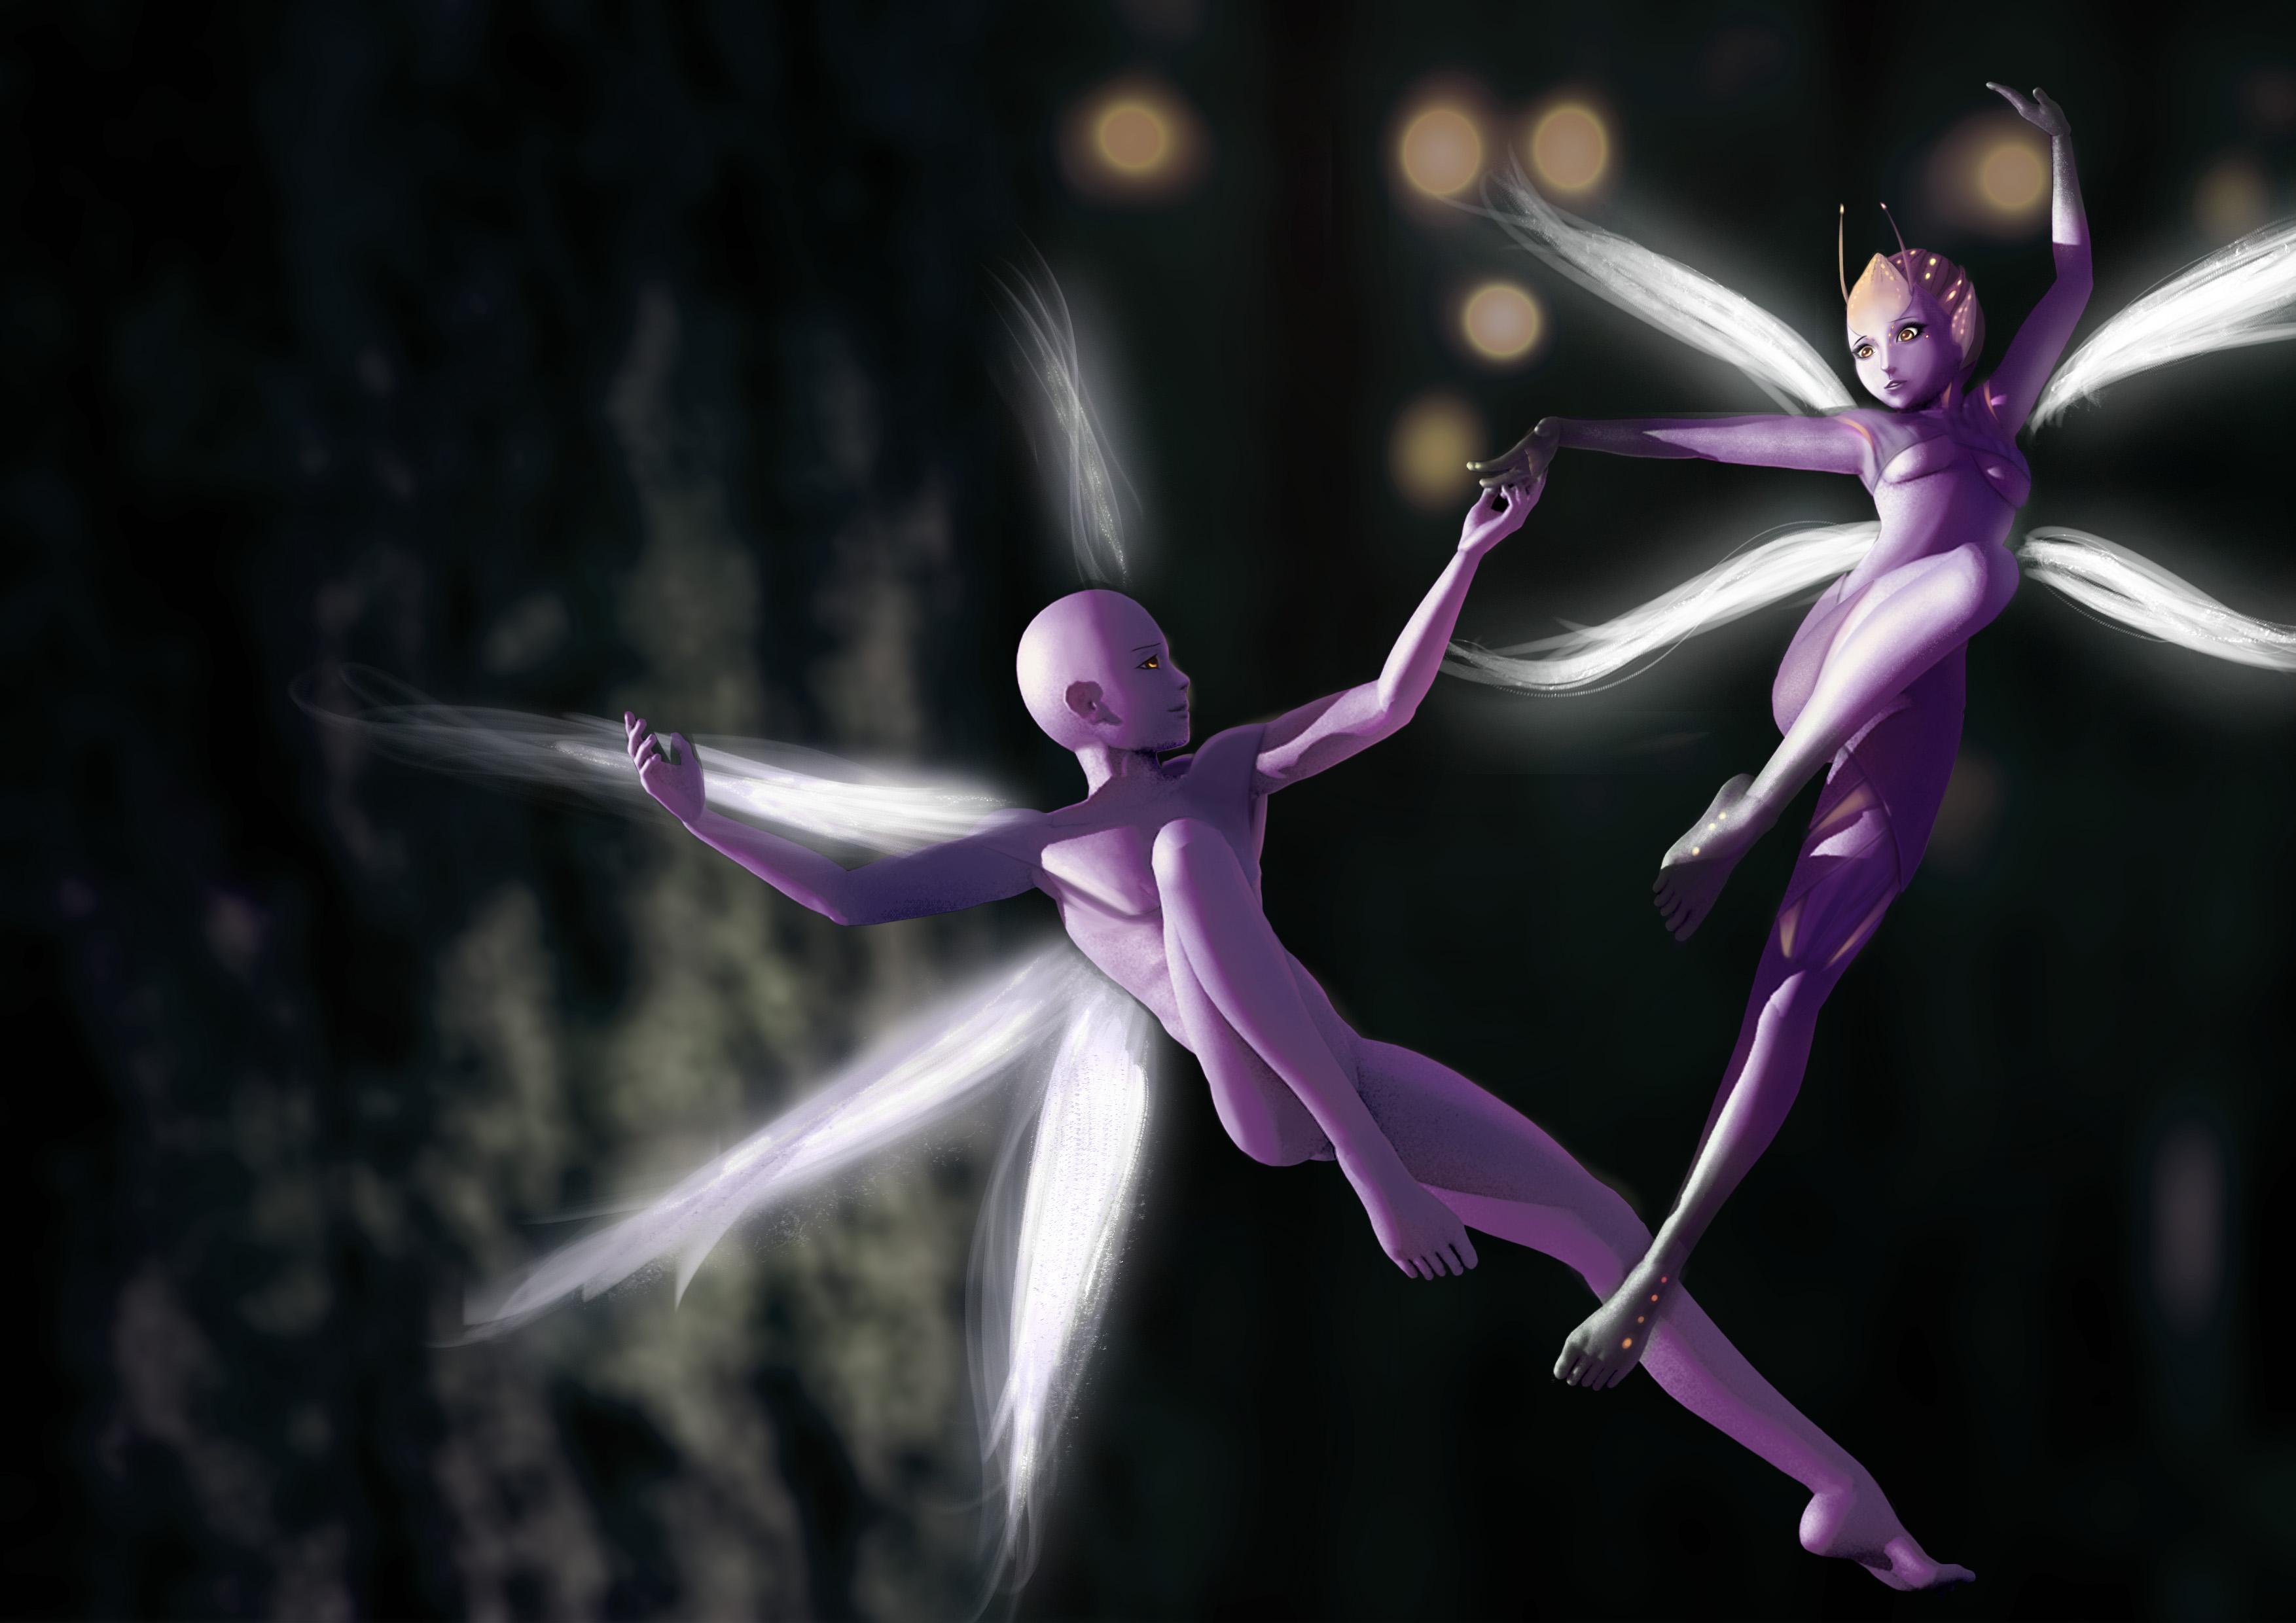 Dance of the fireflies3.jpg